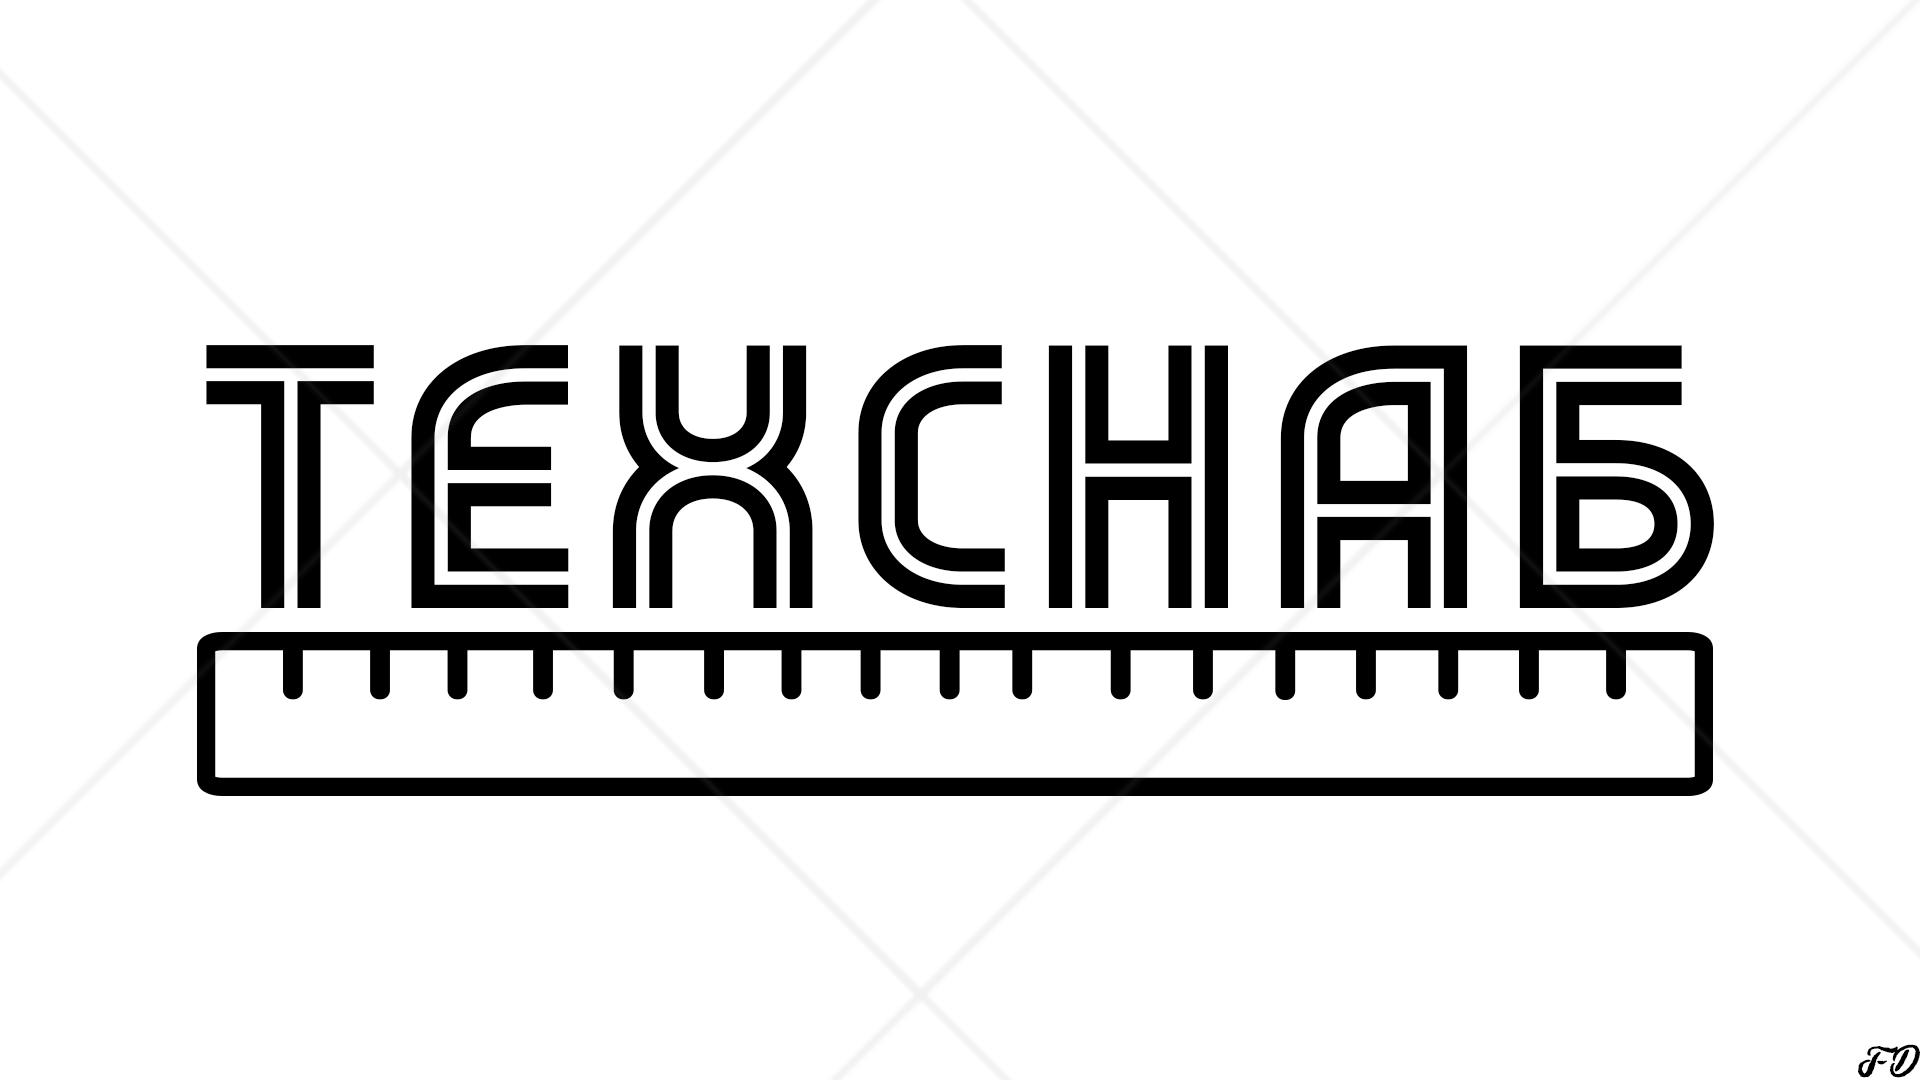 Разработка логотипа и фирм. стиля компании  ТЕХСНАБ фото f_3135b1ac3ac303c2.png